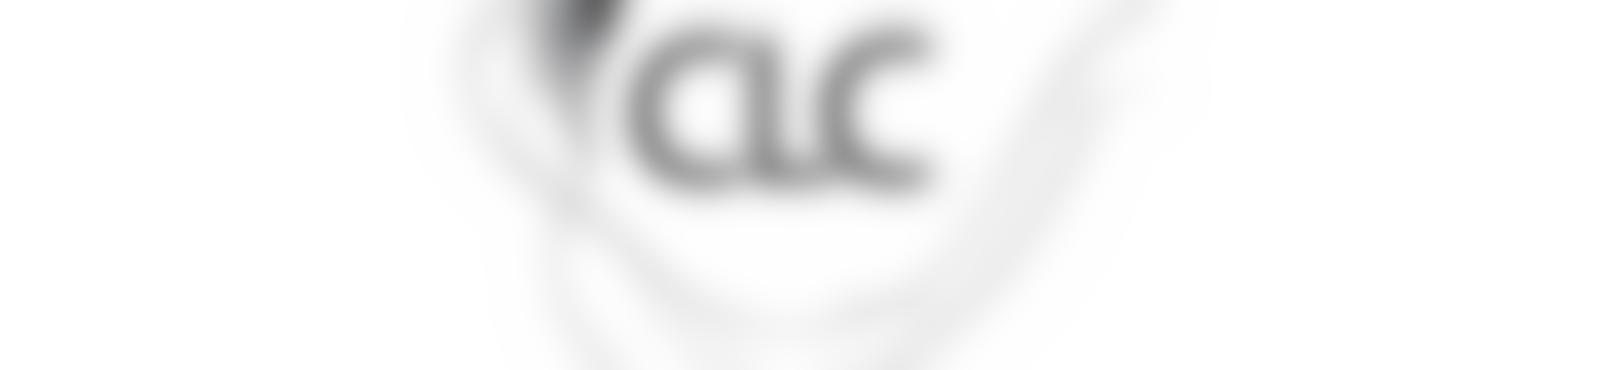 Blurred 5e95dbac fafa 4f42 854b fa006f4d1c13